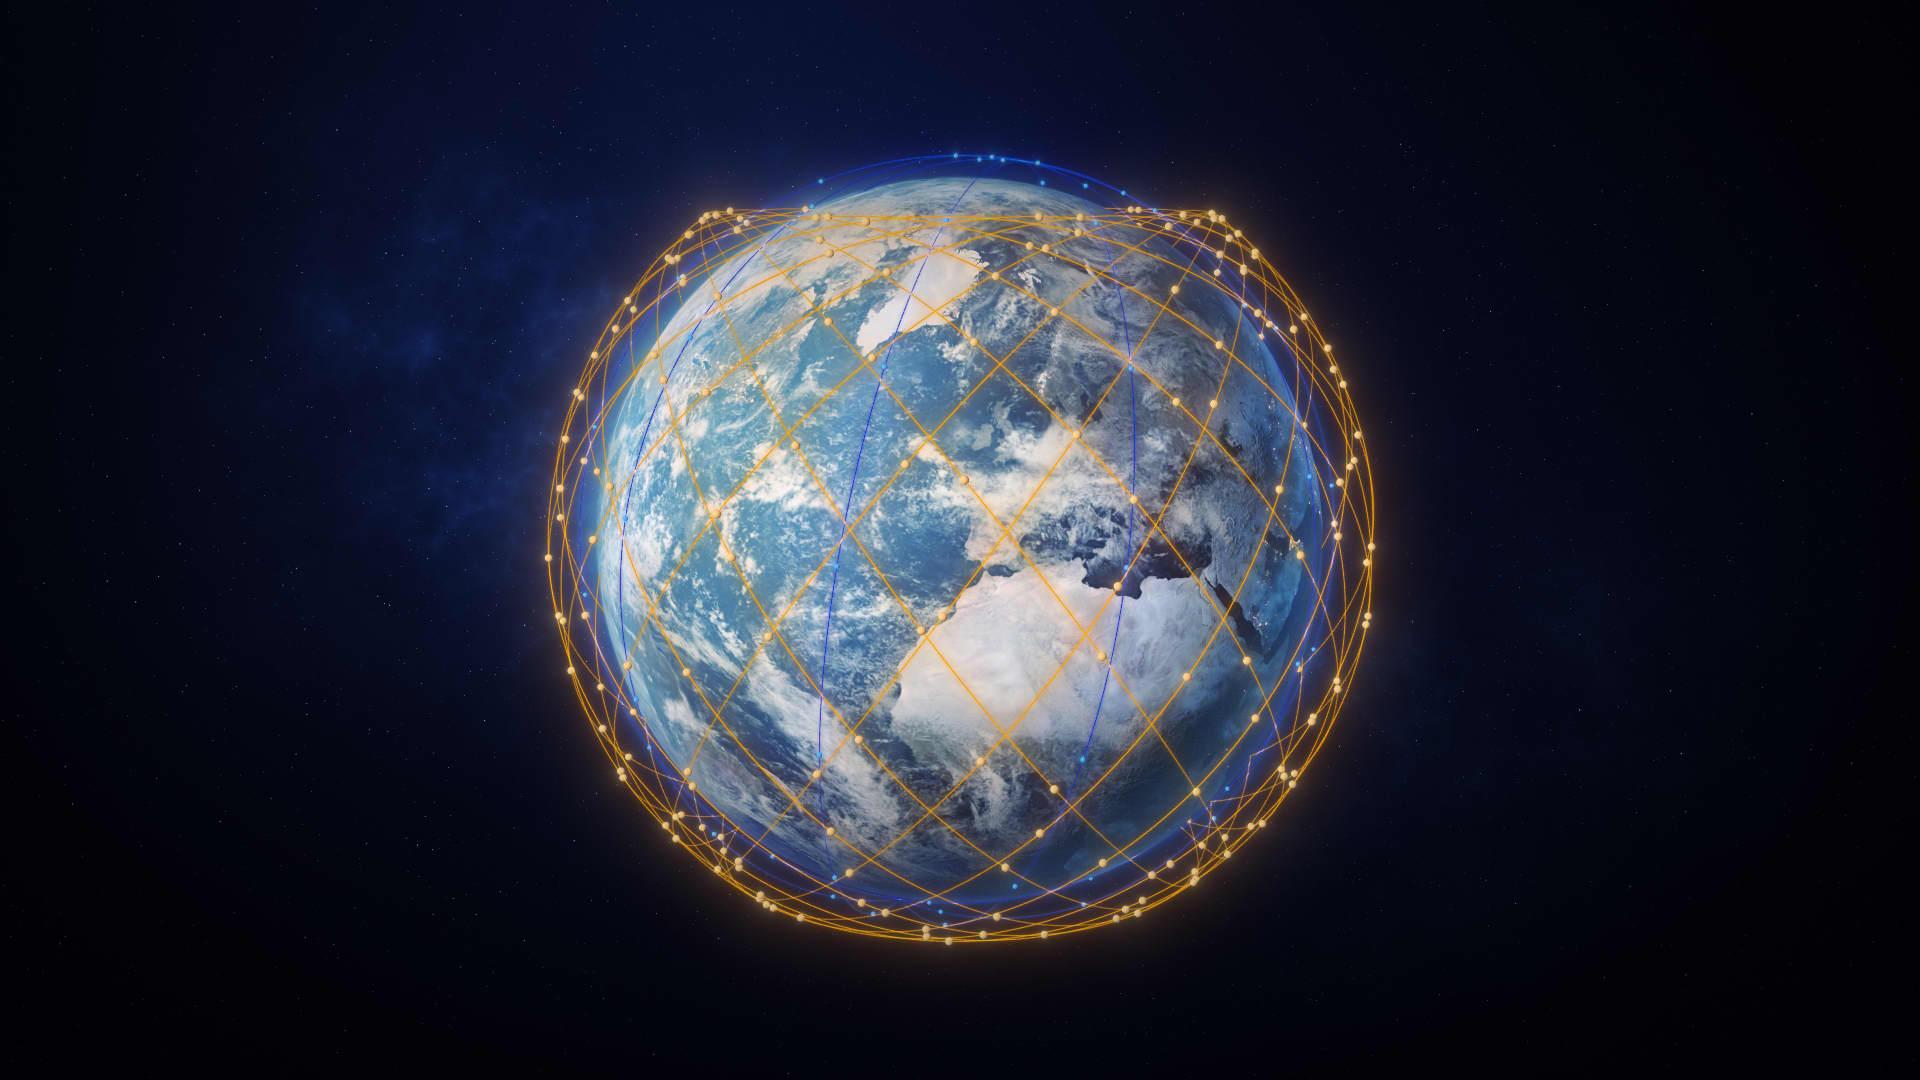 Un render dei piani orbitali che occuperà Lightspeed. Credits: Thales Alenia Space